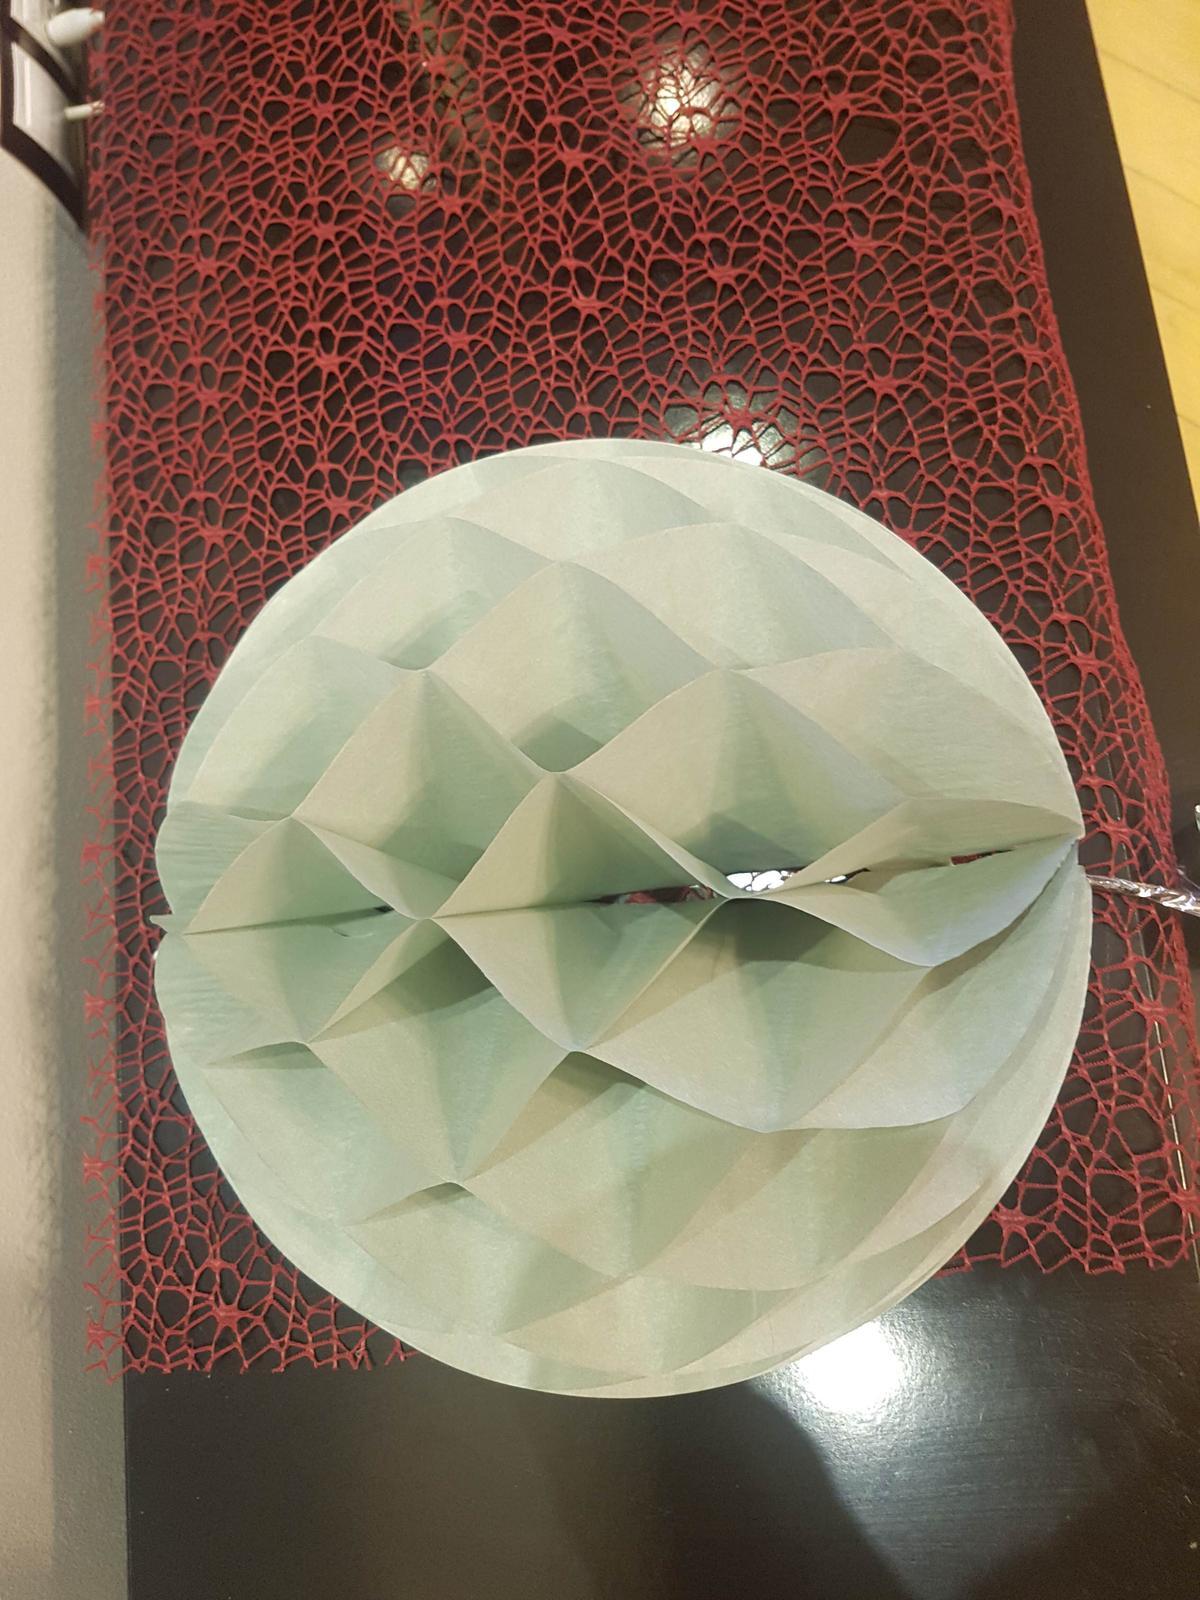 Honeycomb lampionek ozdobná koule - Obrázek č. 1